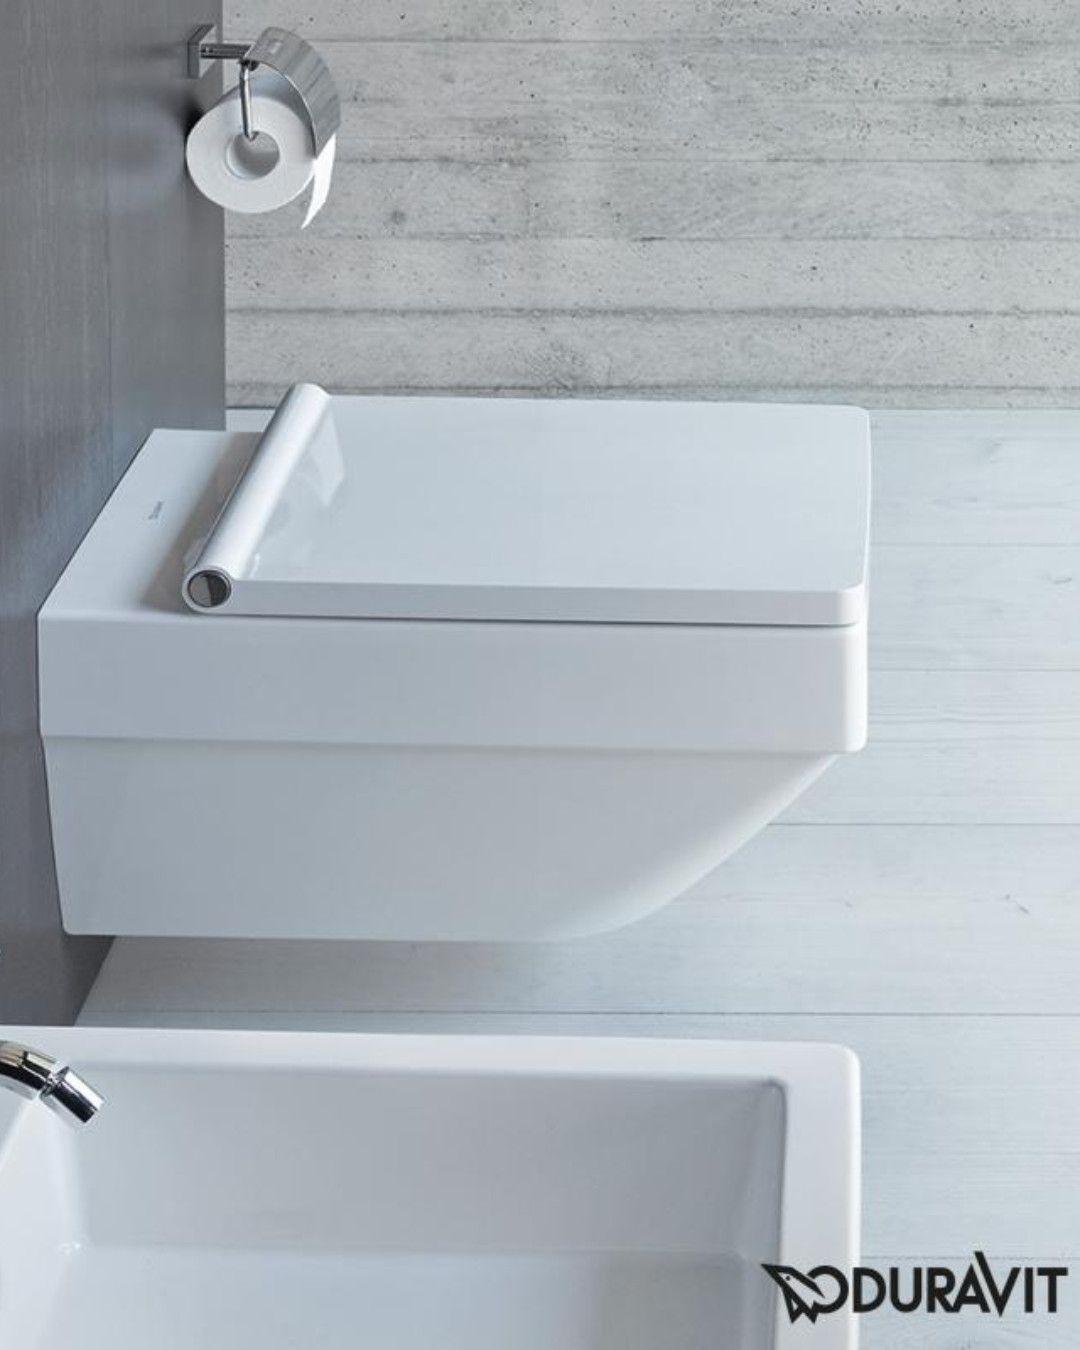 Duravit Vero Air Freuen Sie Sich Bei Diesem Wand Tiefspul Wc Auf Eine Aussergewohnliche Optik Und Ein Hohes Mass An Hygiene Fur Ihr Bad Duravit Stand Wc Wc Sitz